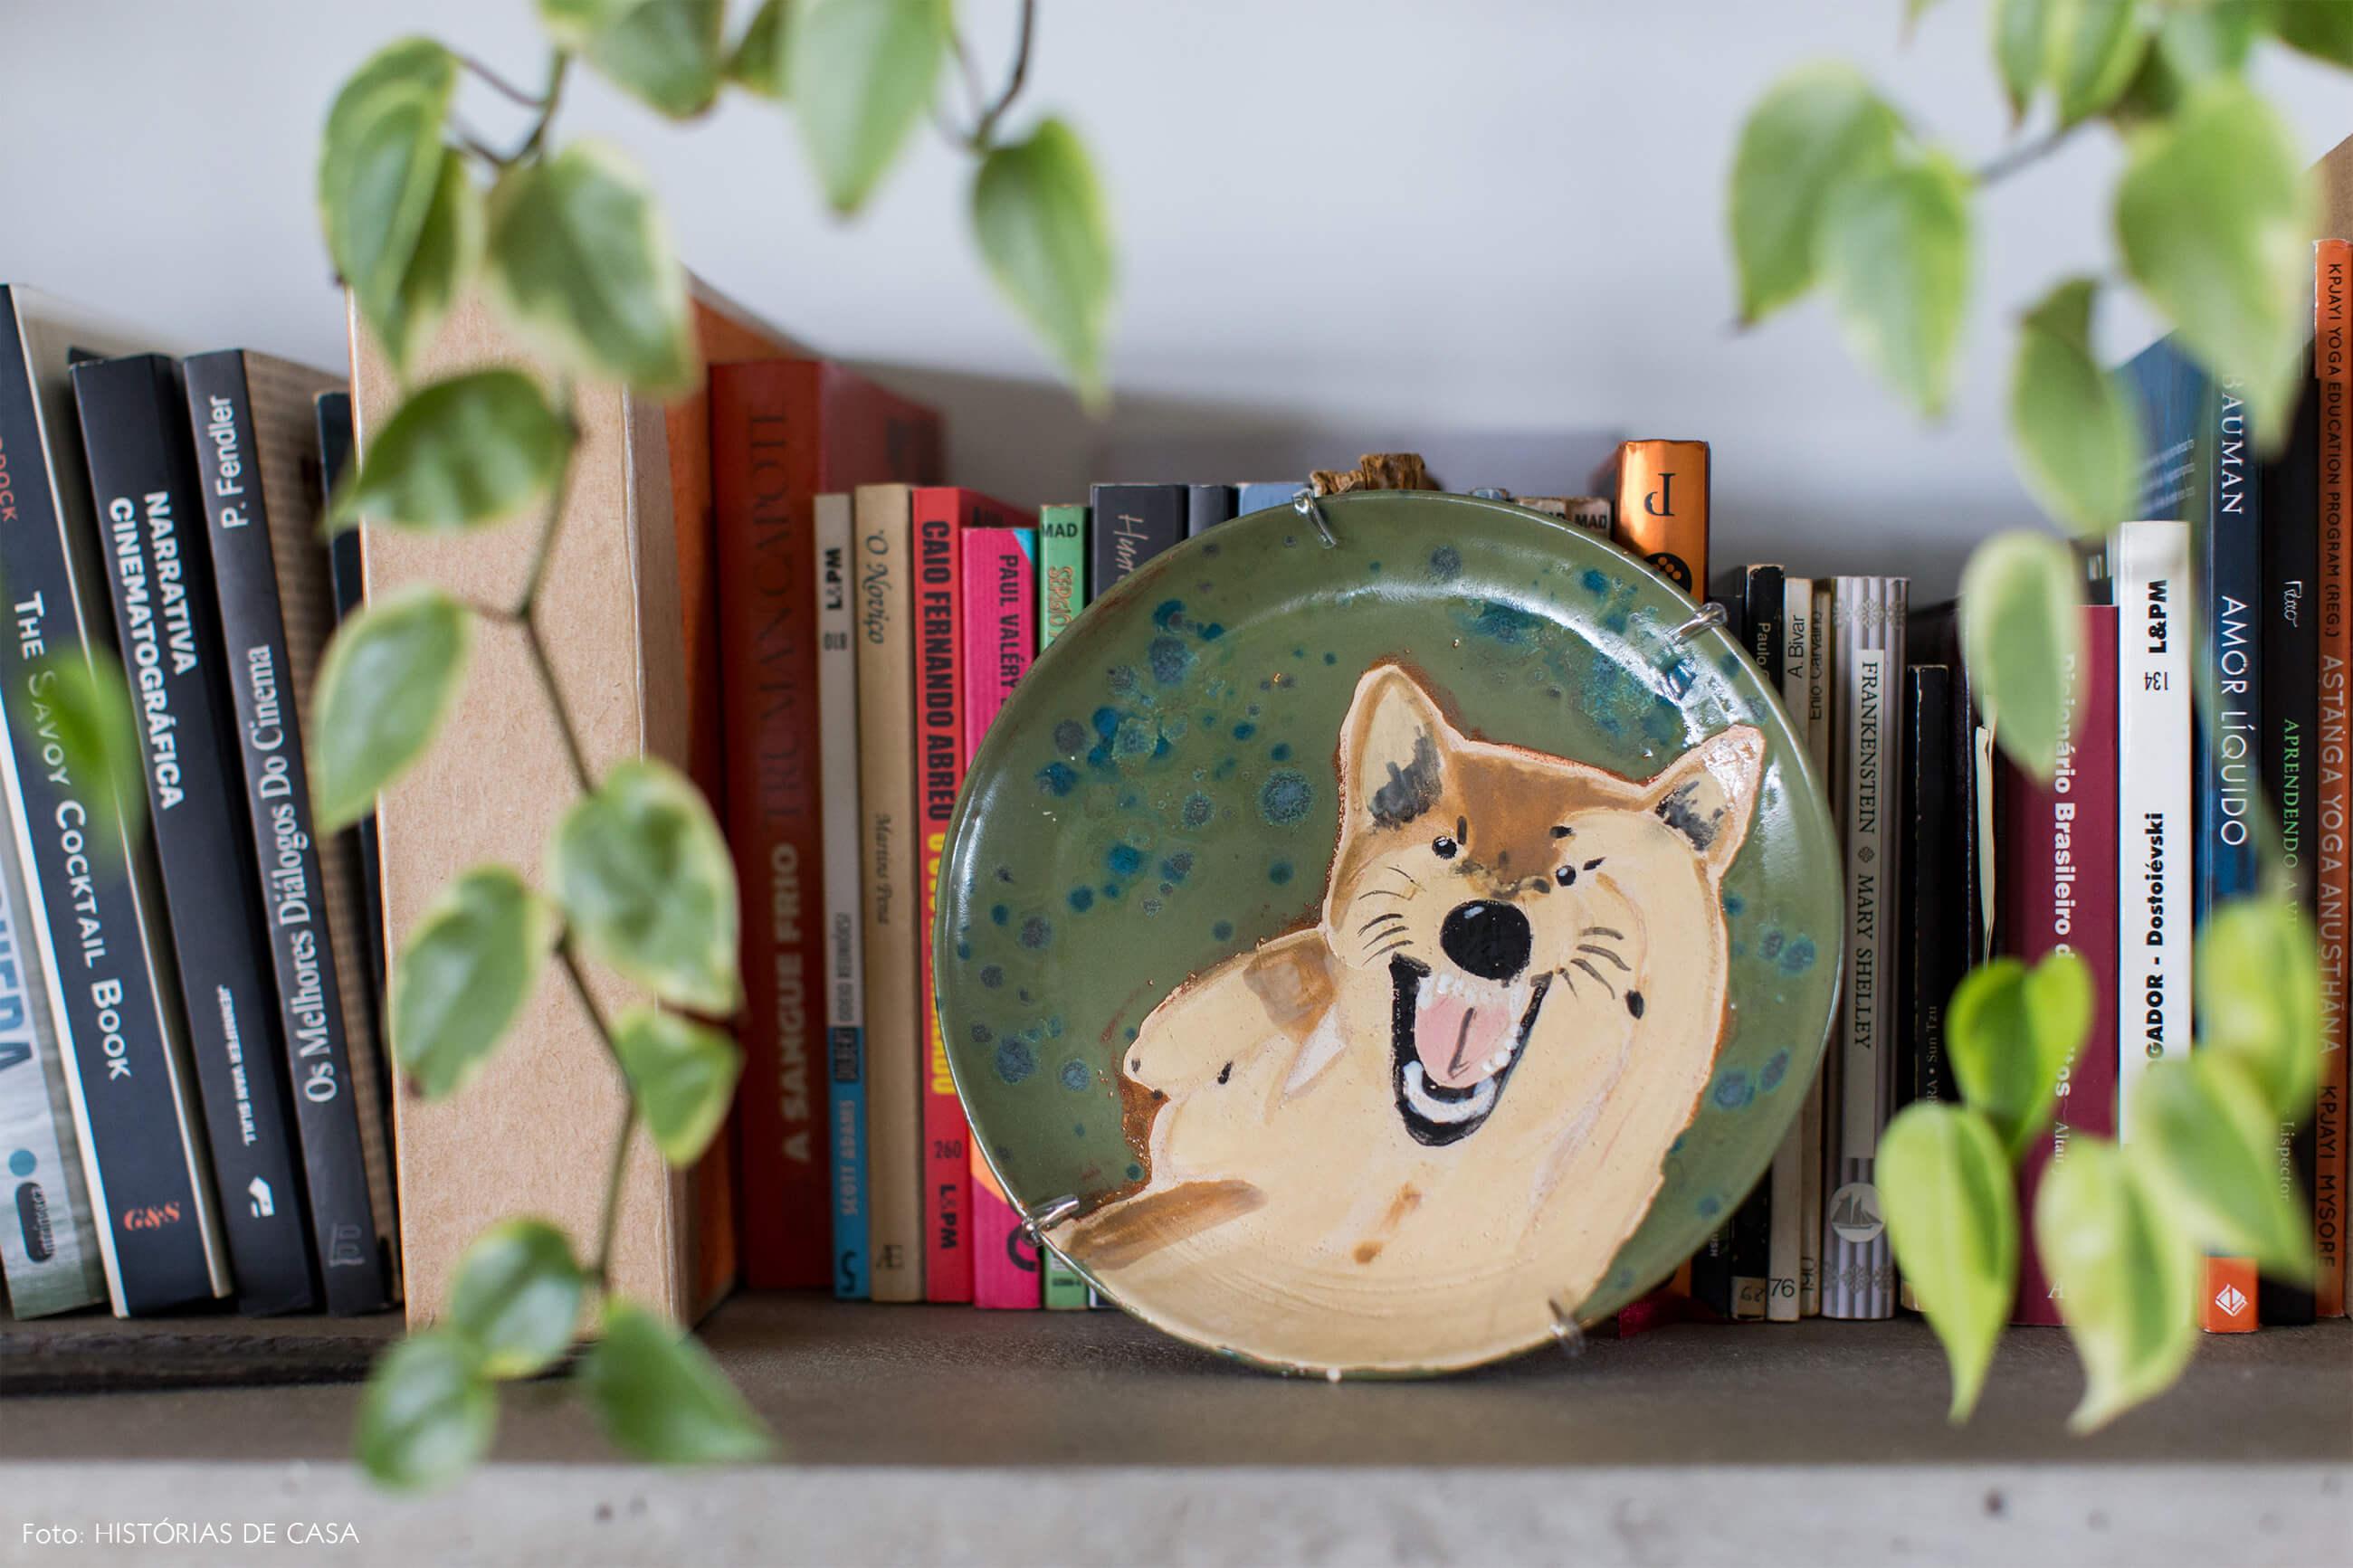 Ap decoração copan detalhe estante concreto prato decorativo com pintura